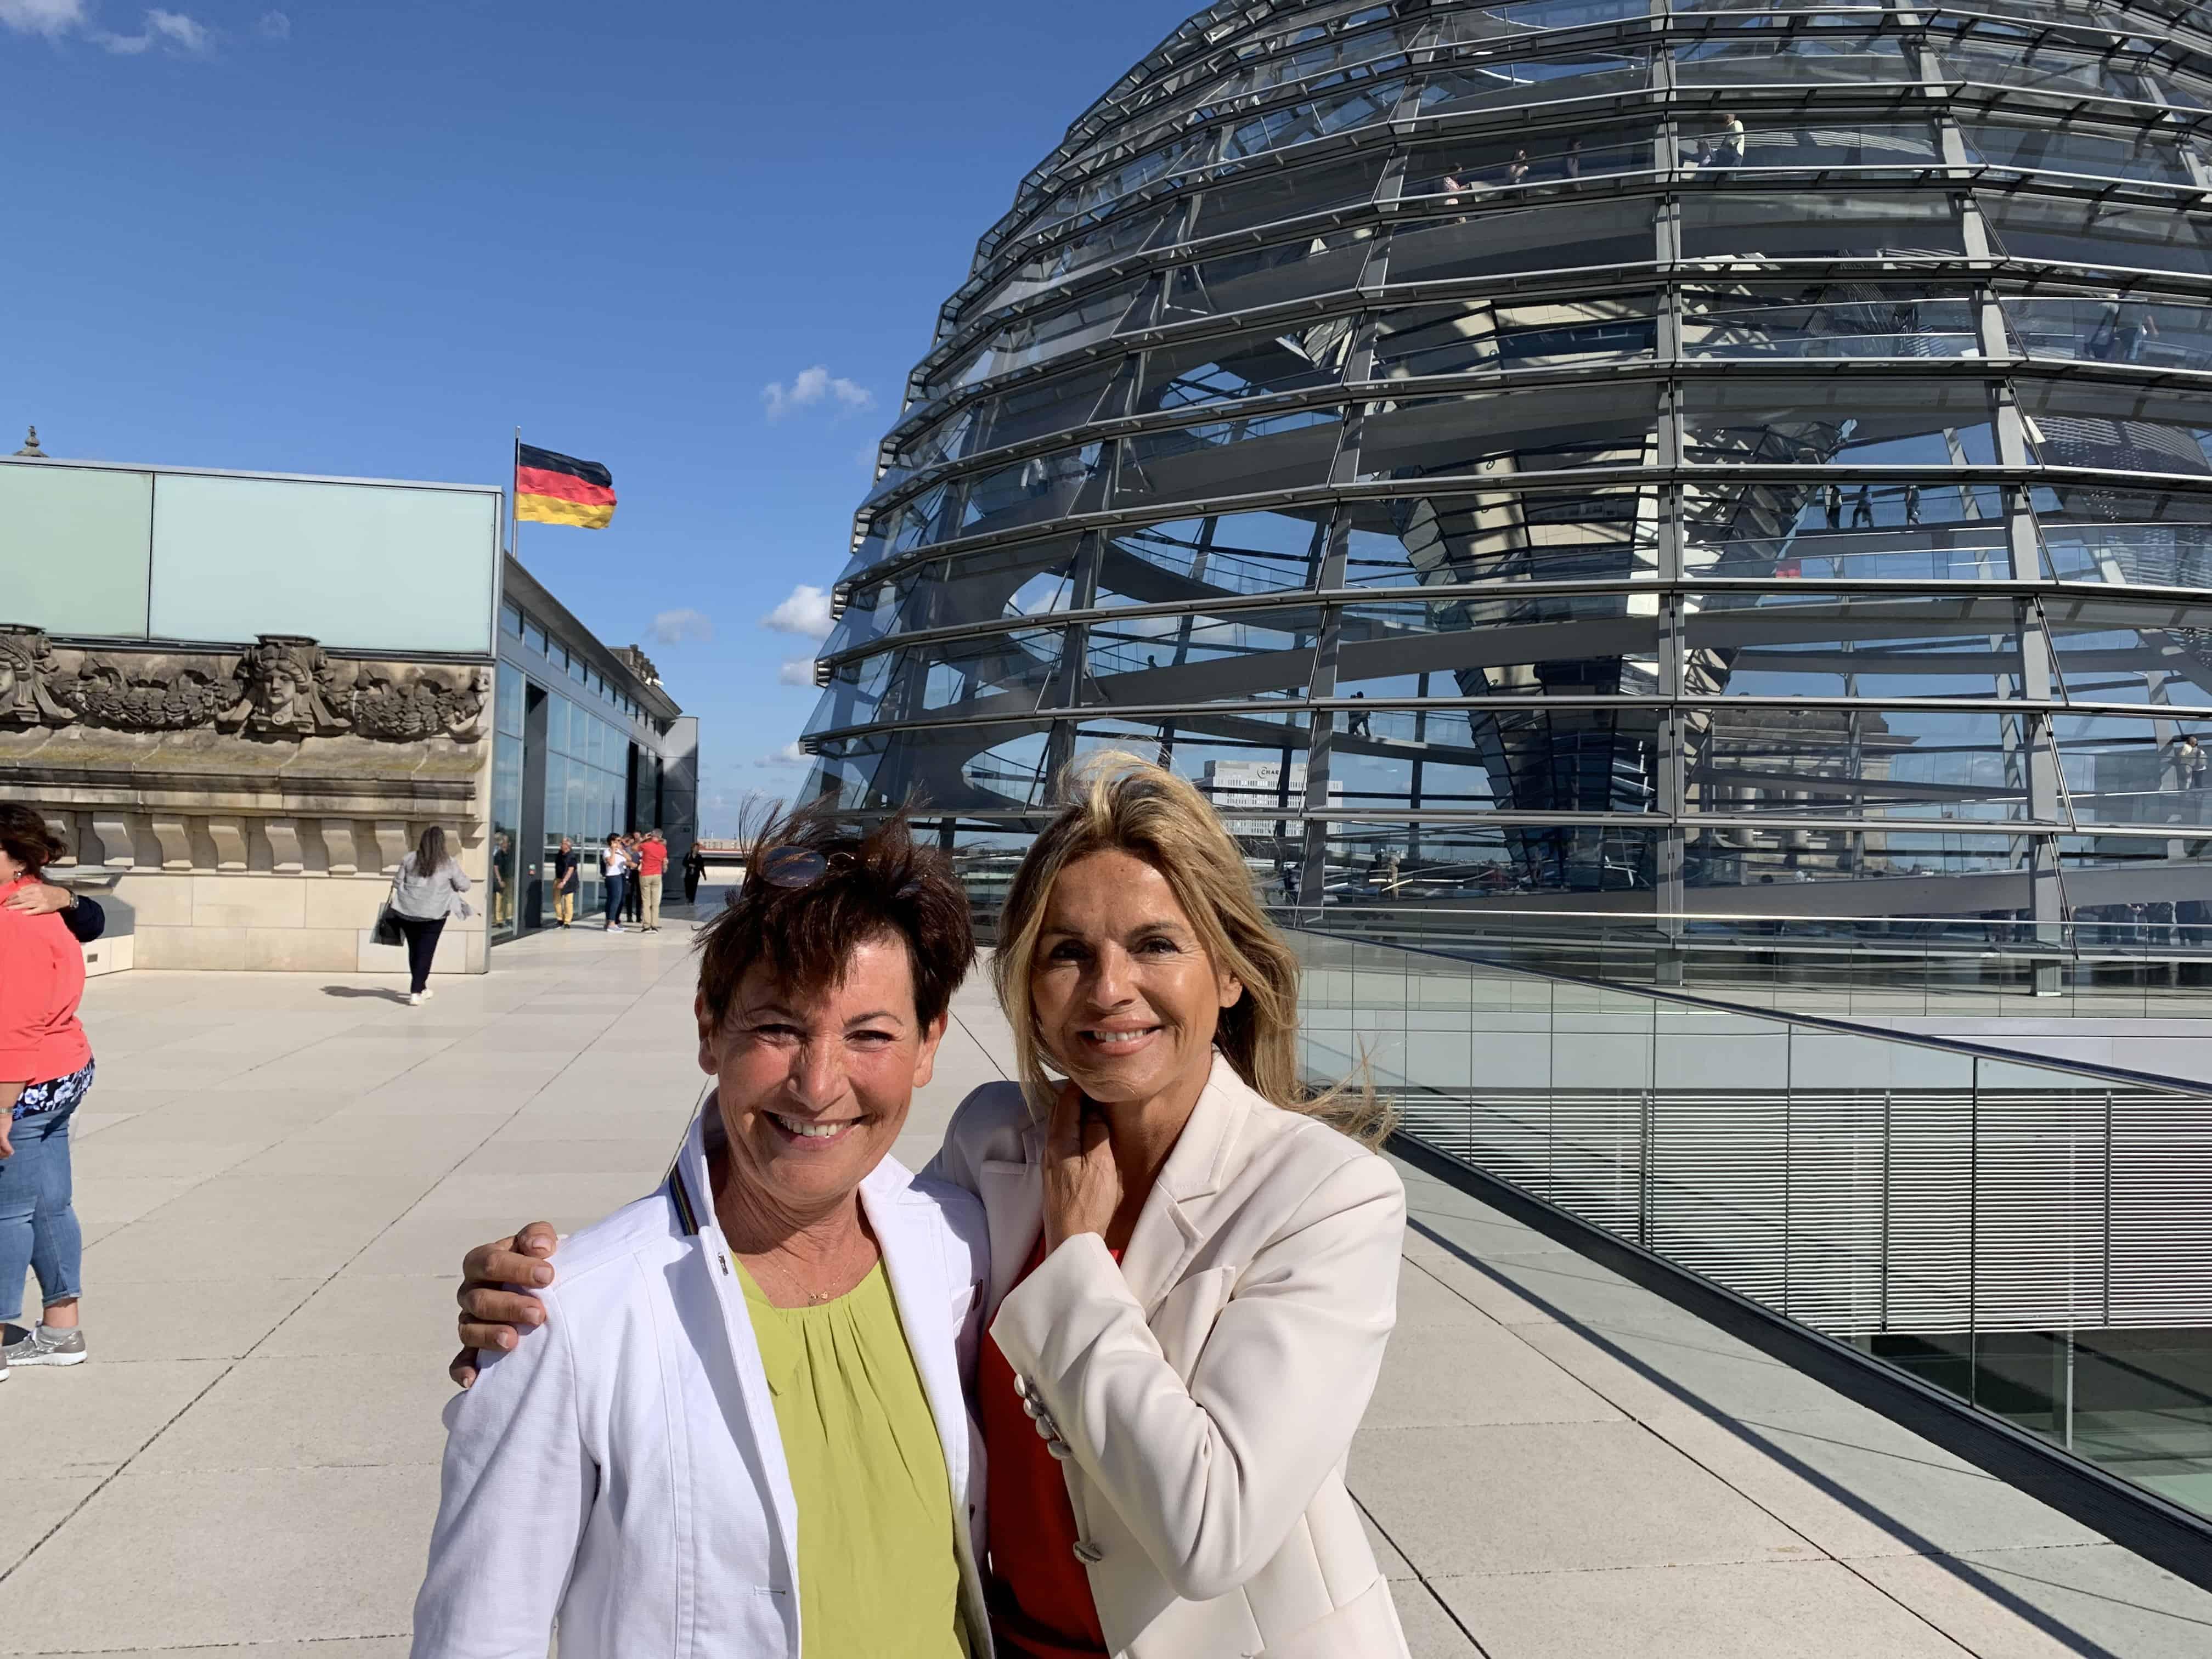 Besuch im Bundestag mit Besichtigung des Plenarsaals